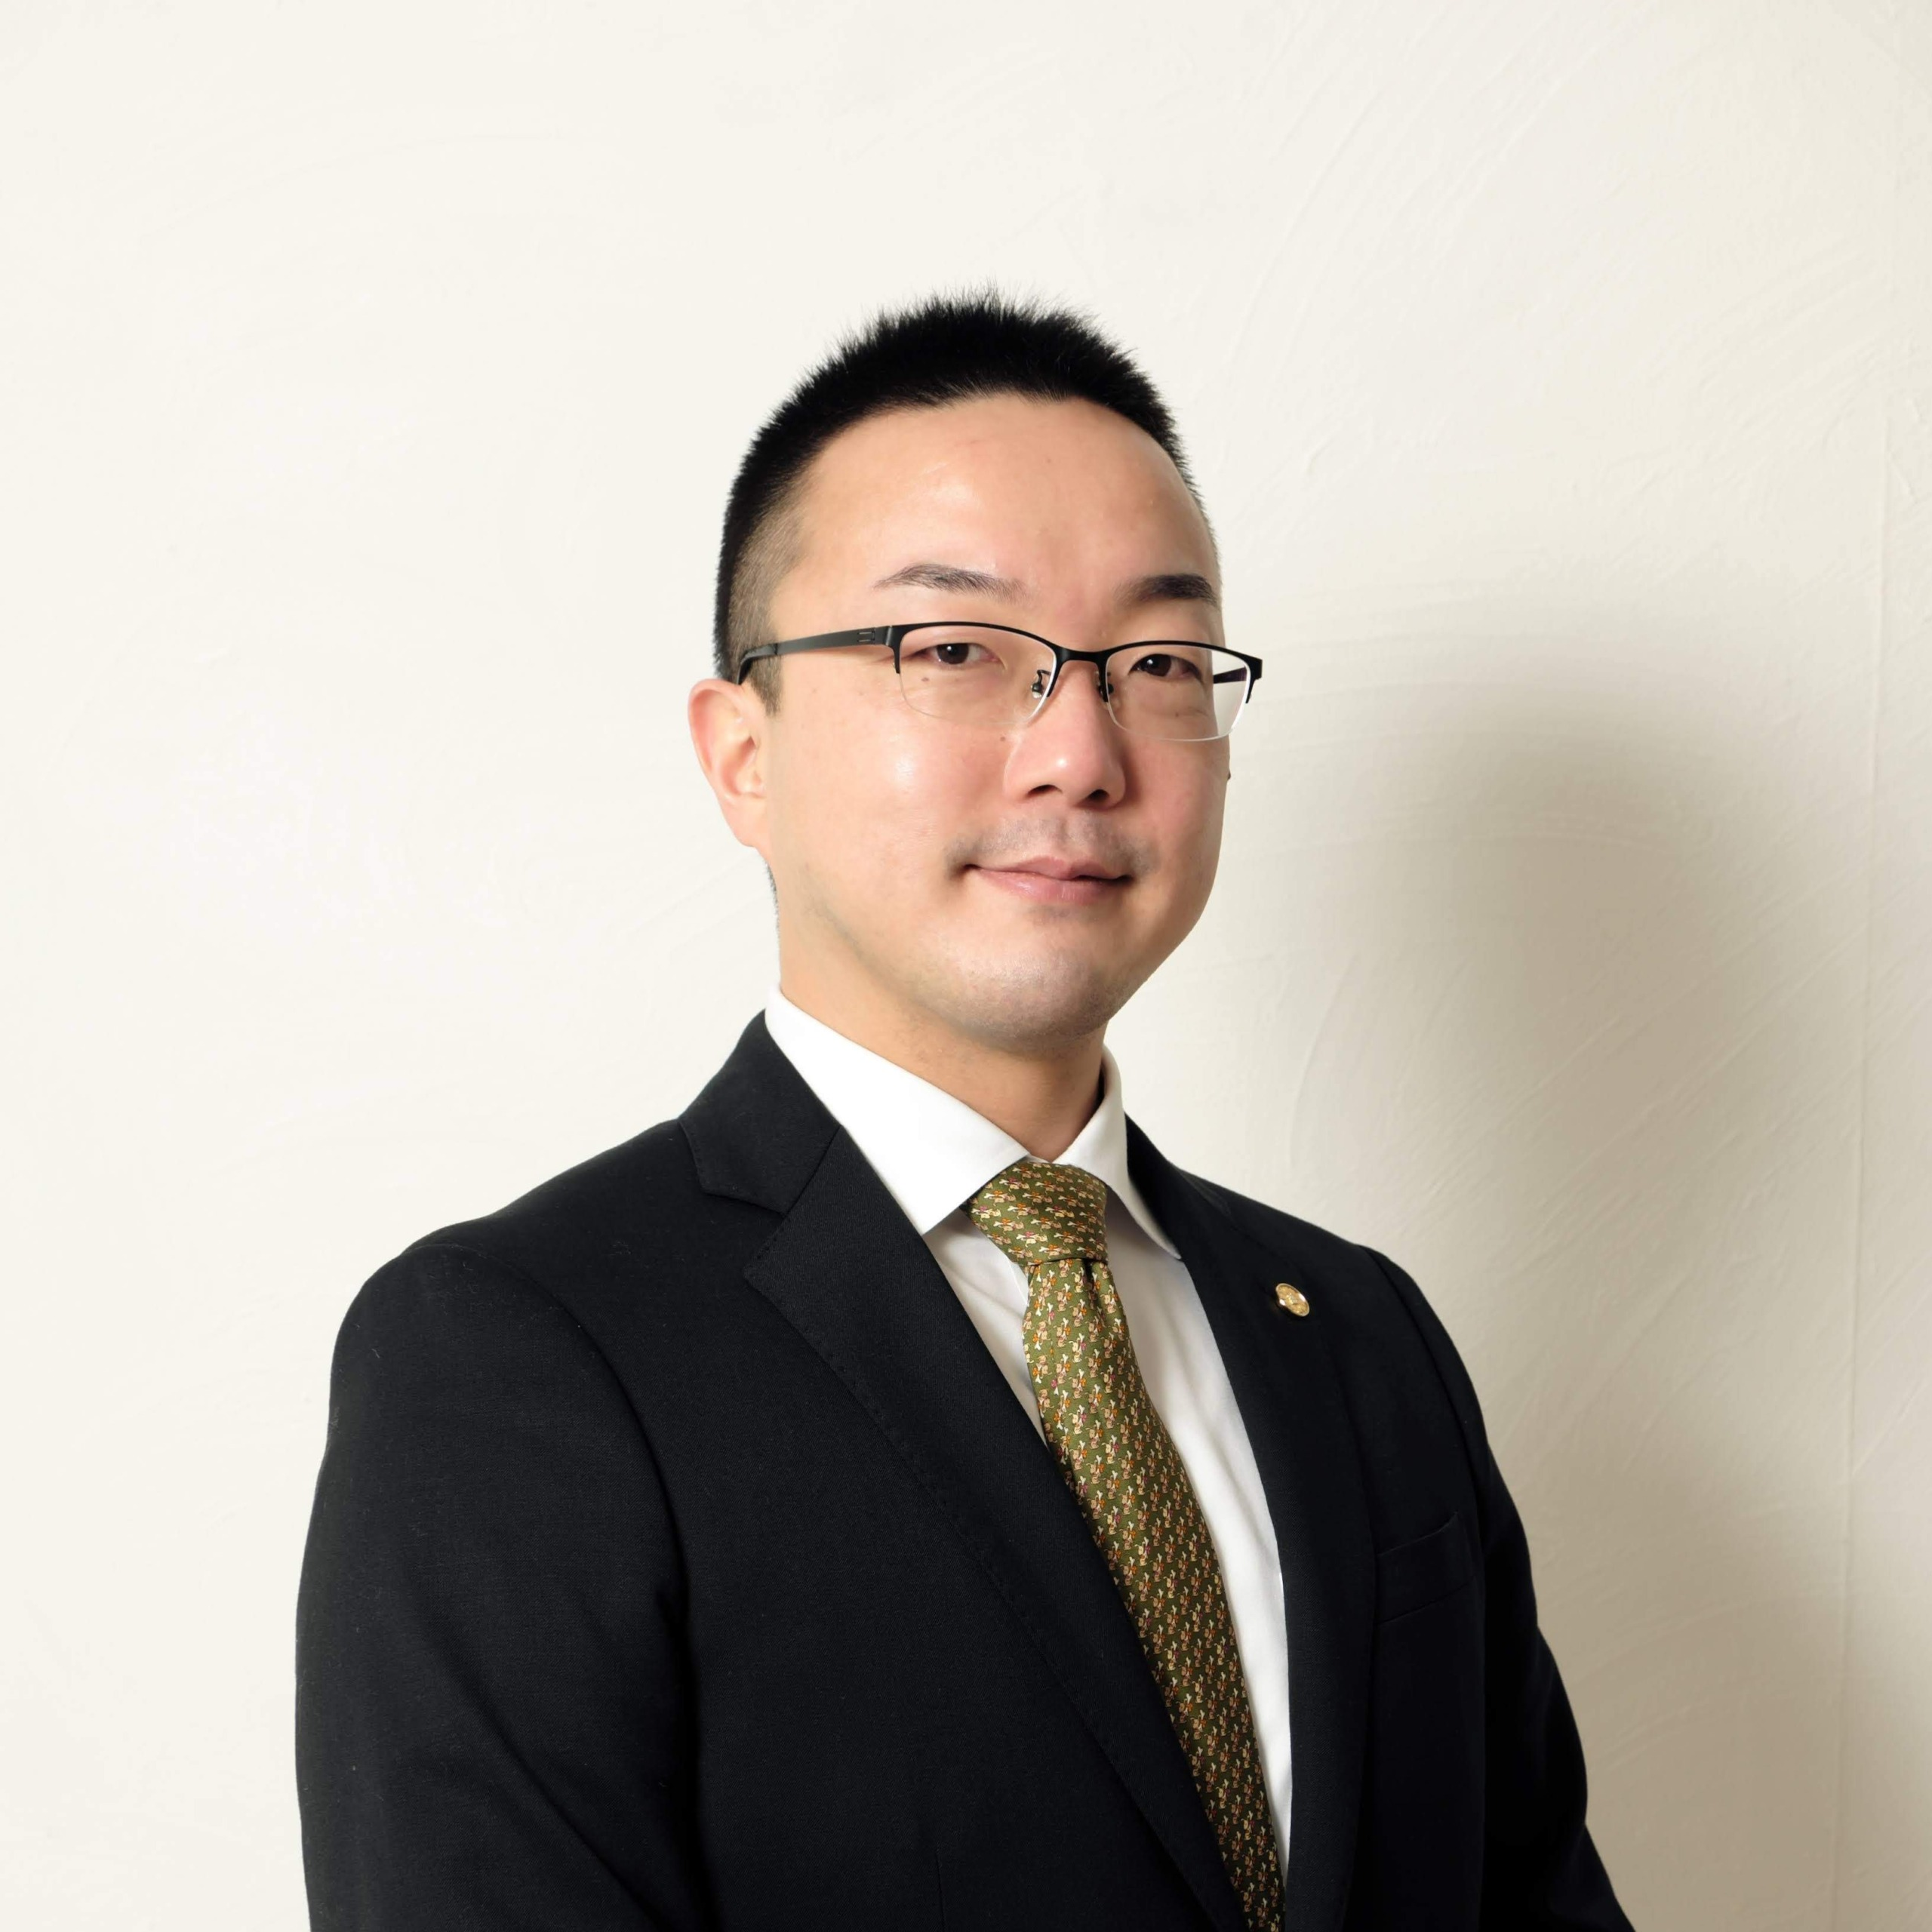 行政書士 山田涼太